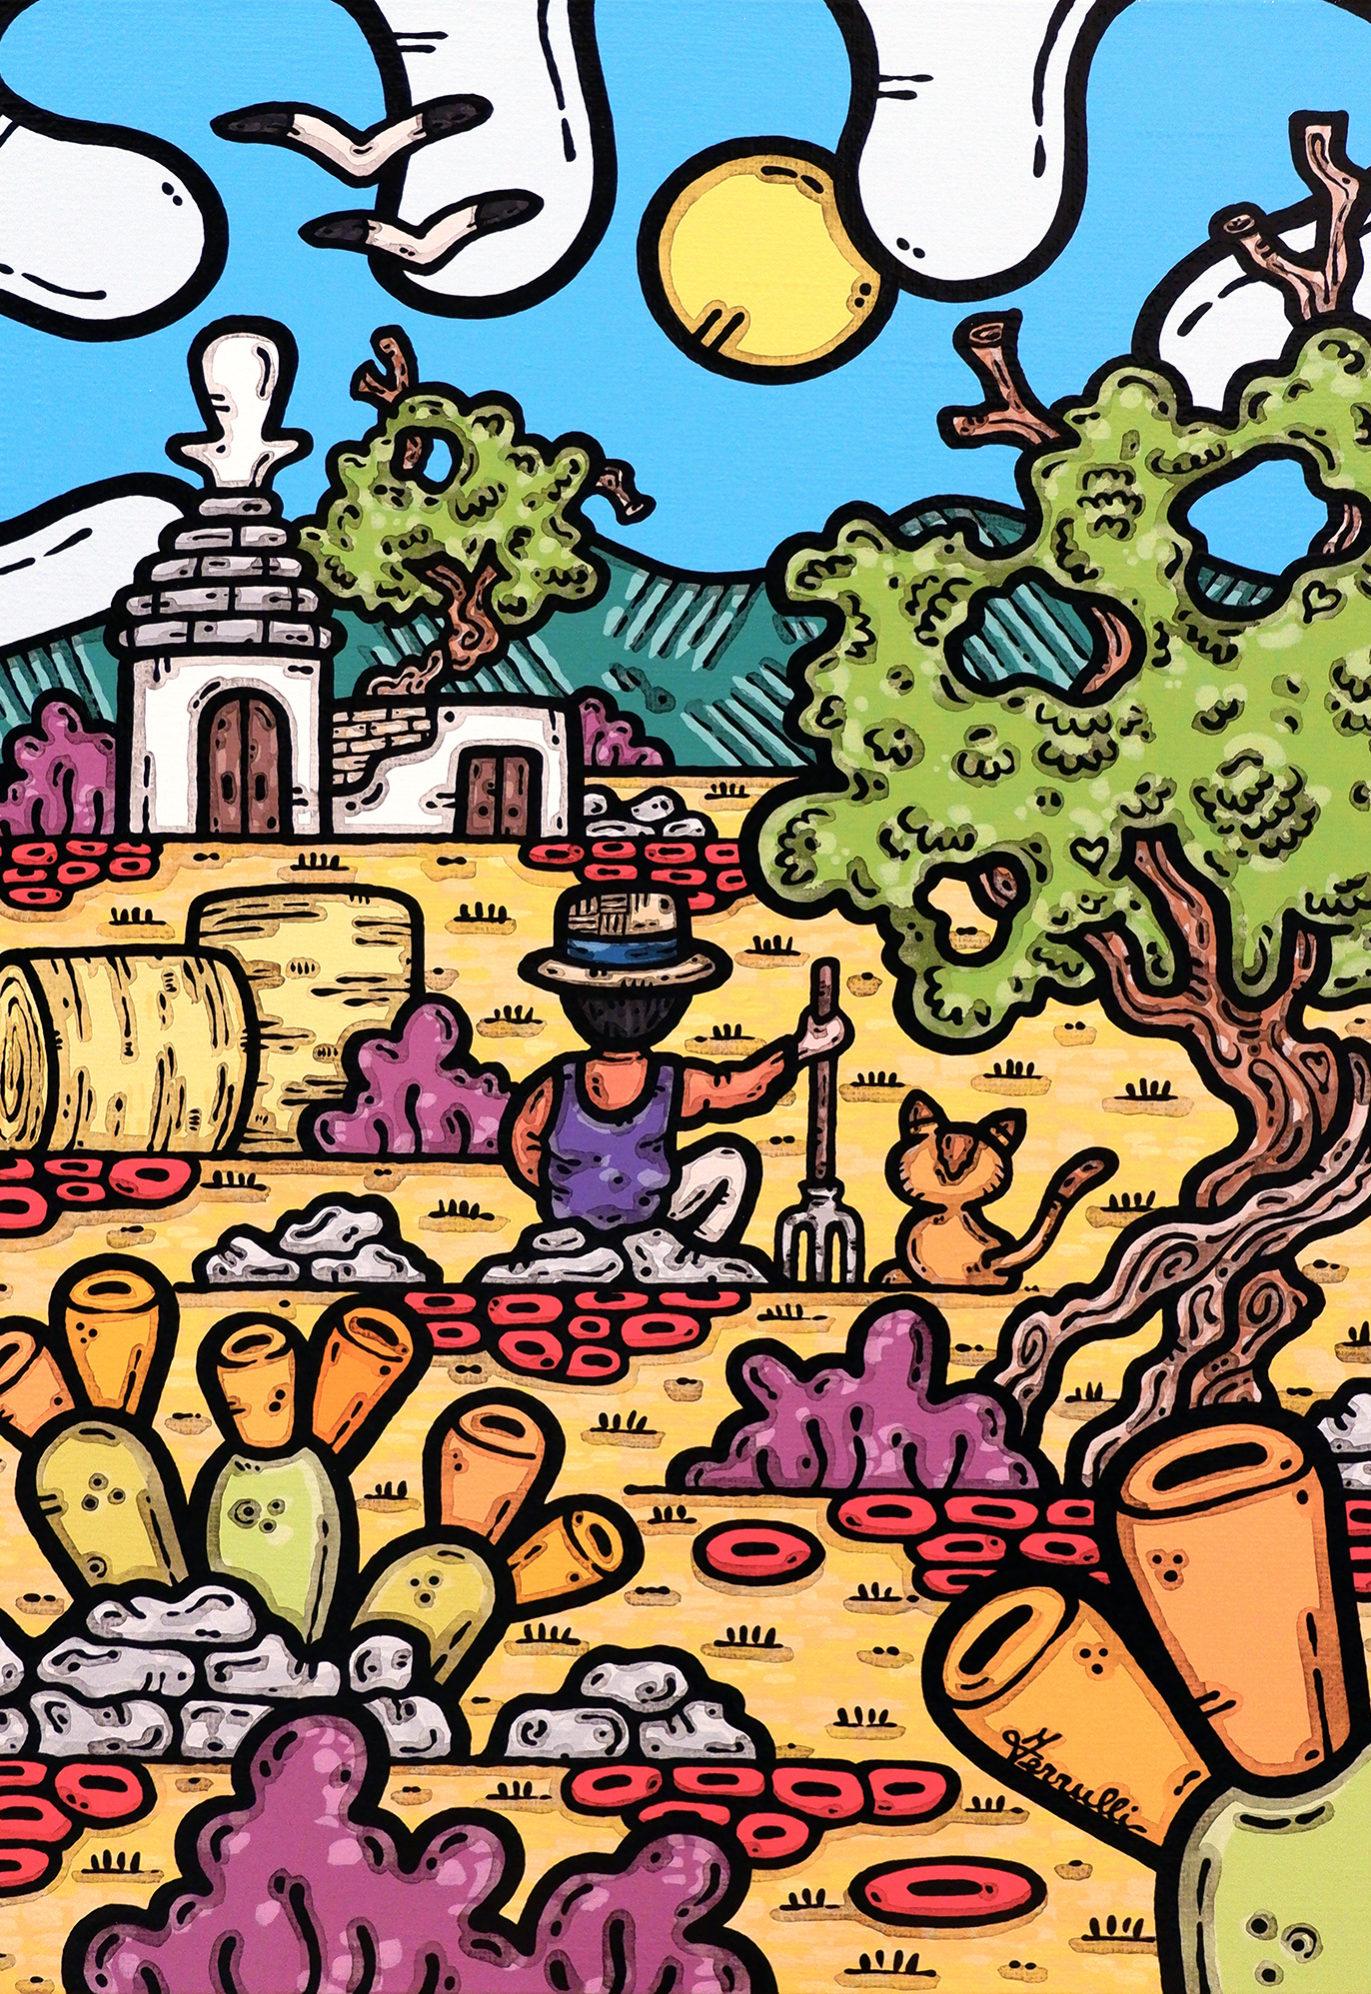 acrilico su tela, dipinto, opera d'arte, contornismo metafisico, art, francesco ferrulli, pittore, italiano, artista, italian artist, arte contemporanea, quadro, colori, paesaggio pugliese, contadino, gatto, ulivo, le mie radici.